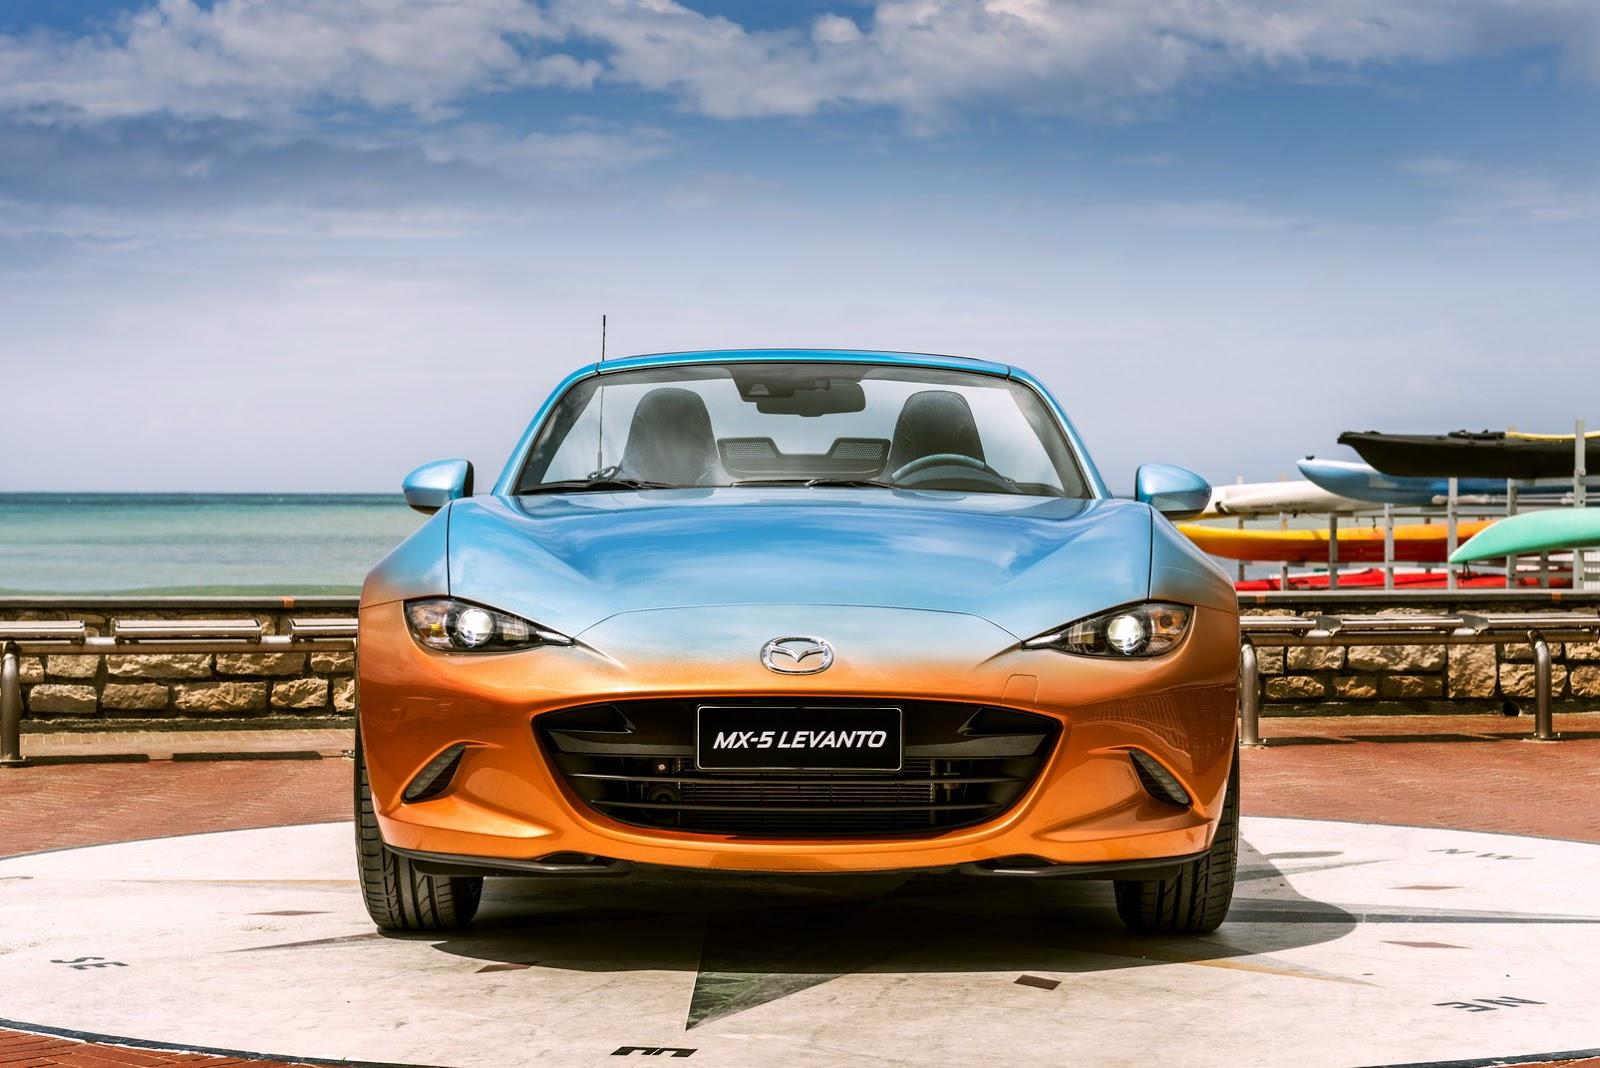 GIC-MX-5-Levanto-Mazda-3.jpg